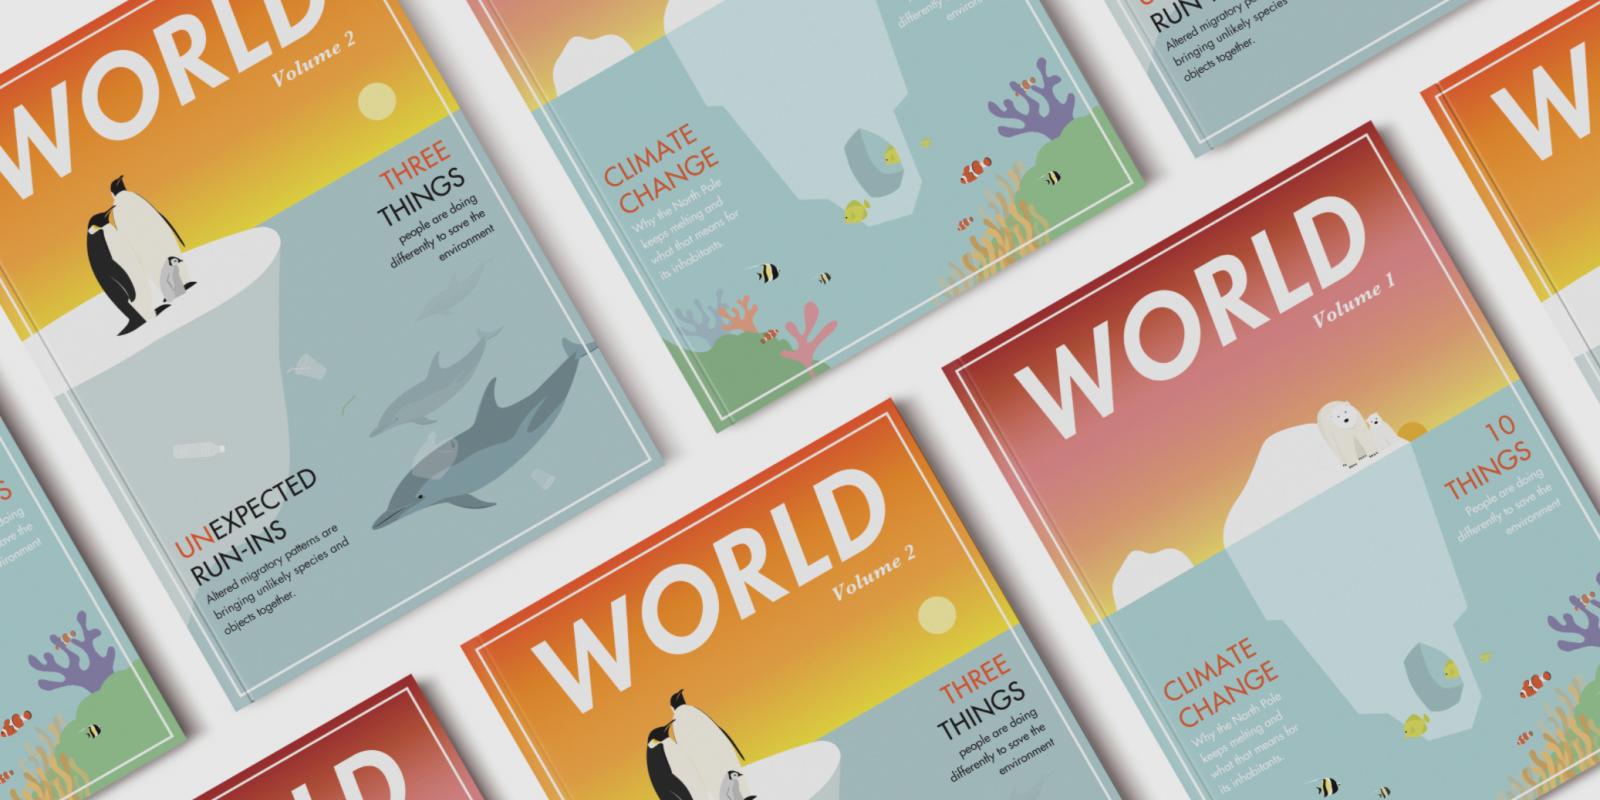 """""""World Magazine Cover Series"""", Artist: Daniella Fallone, """"Poly-Kroma 2020"""" Exhibition"""